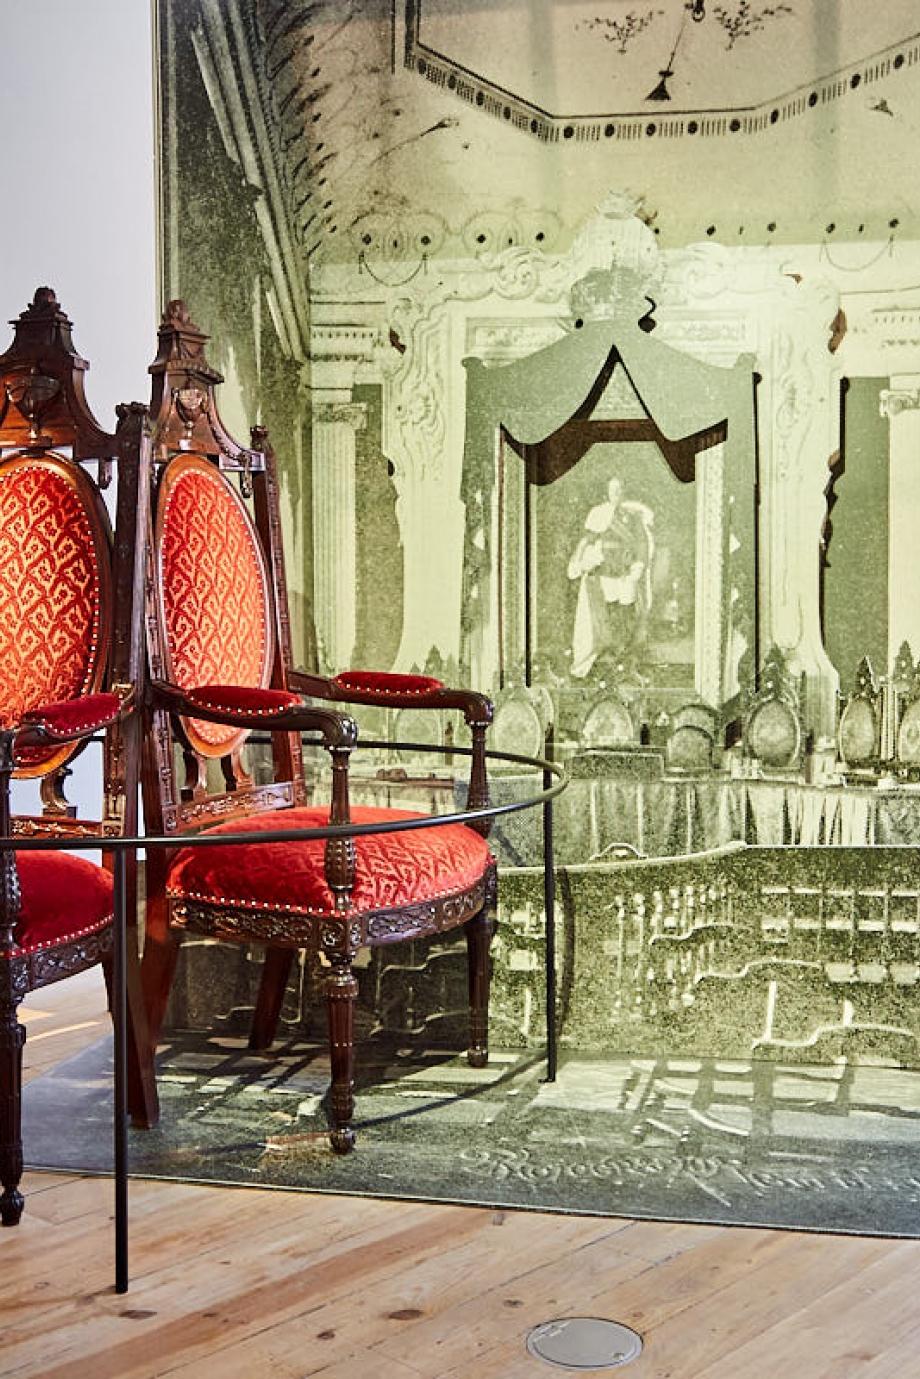 PortoCool_Visitar_Museu_do_Vinho_do_Porto